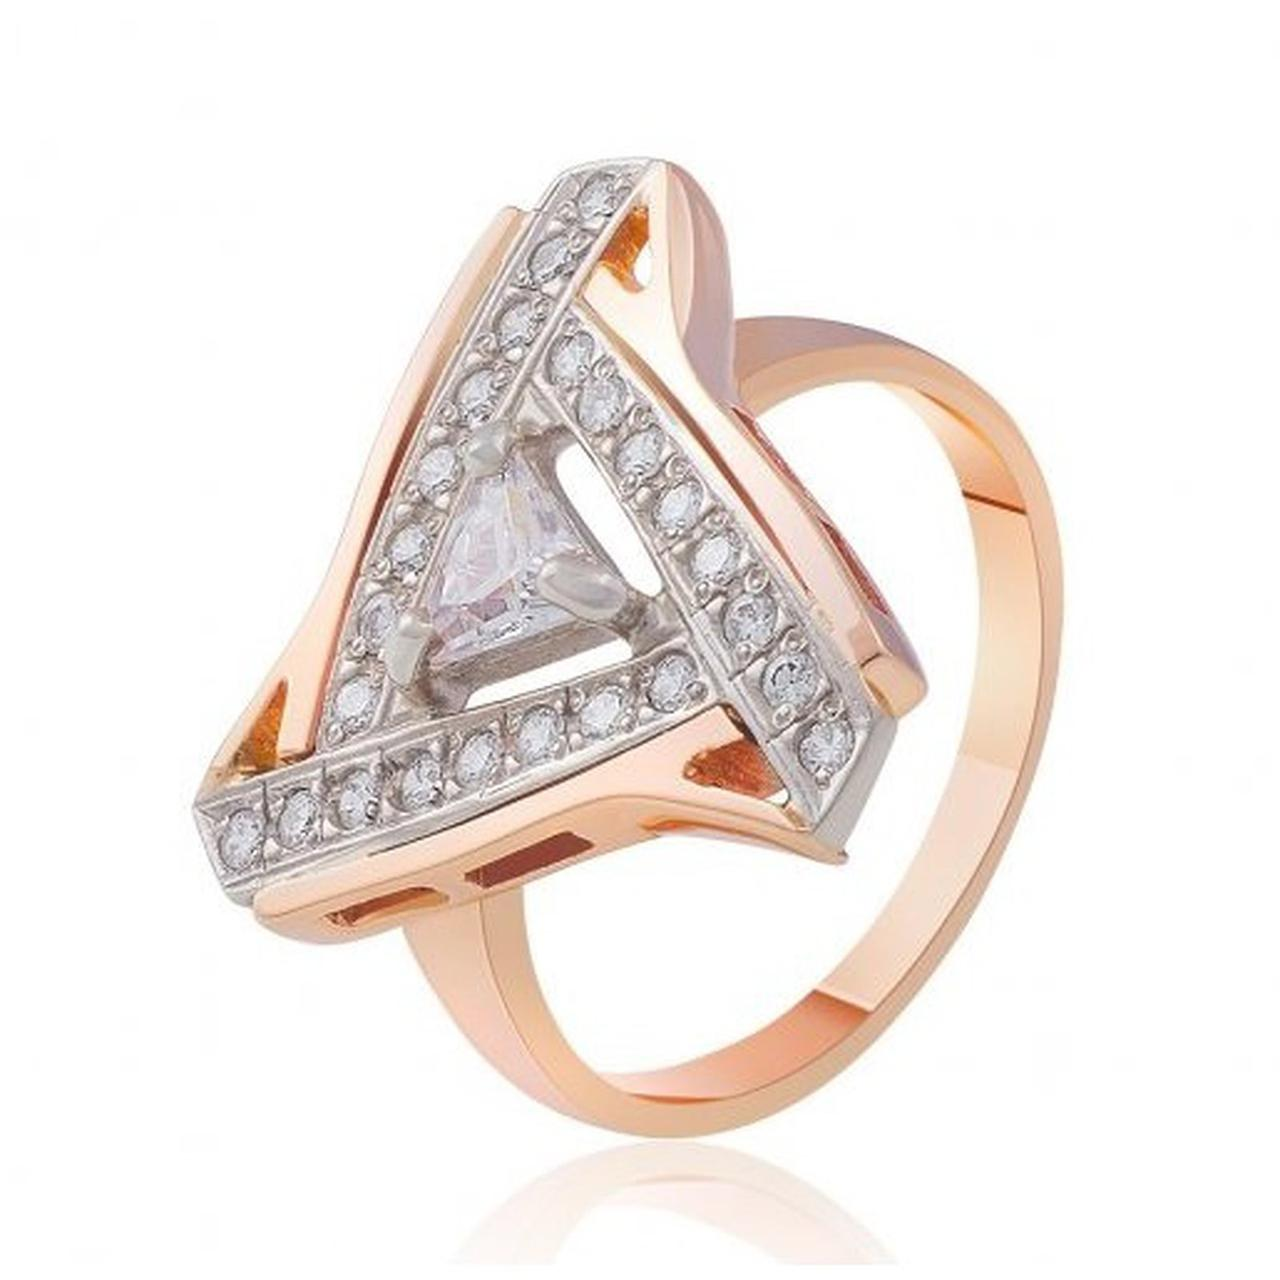 Золотое кольцо с куб. циркониями, размер 19 (205809)